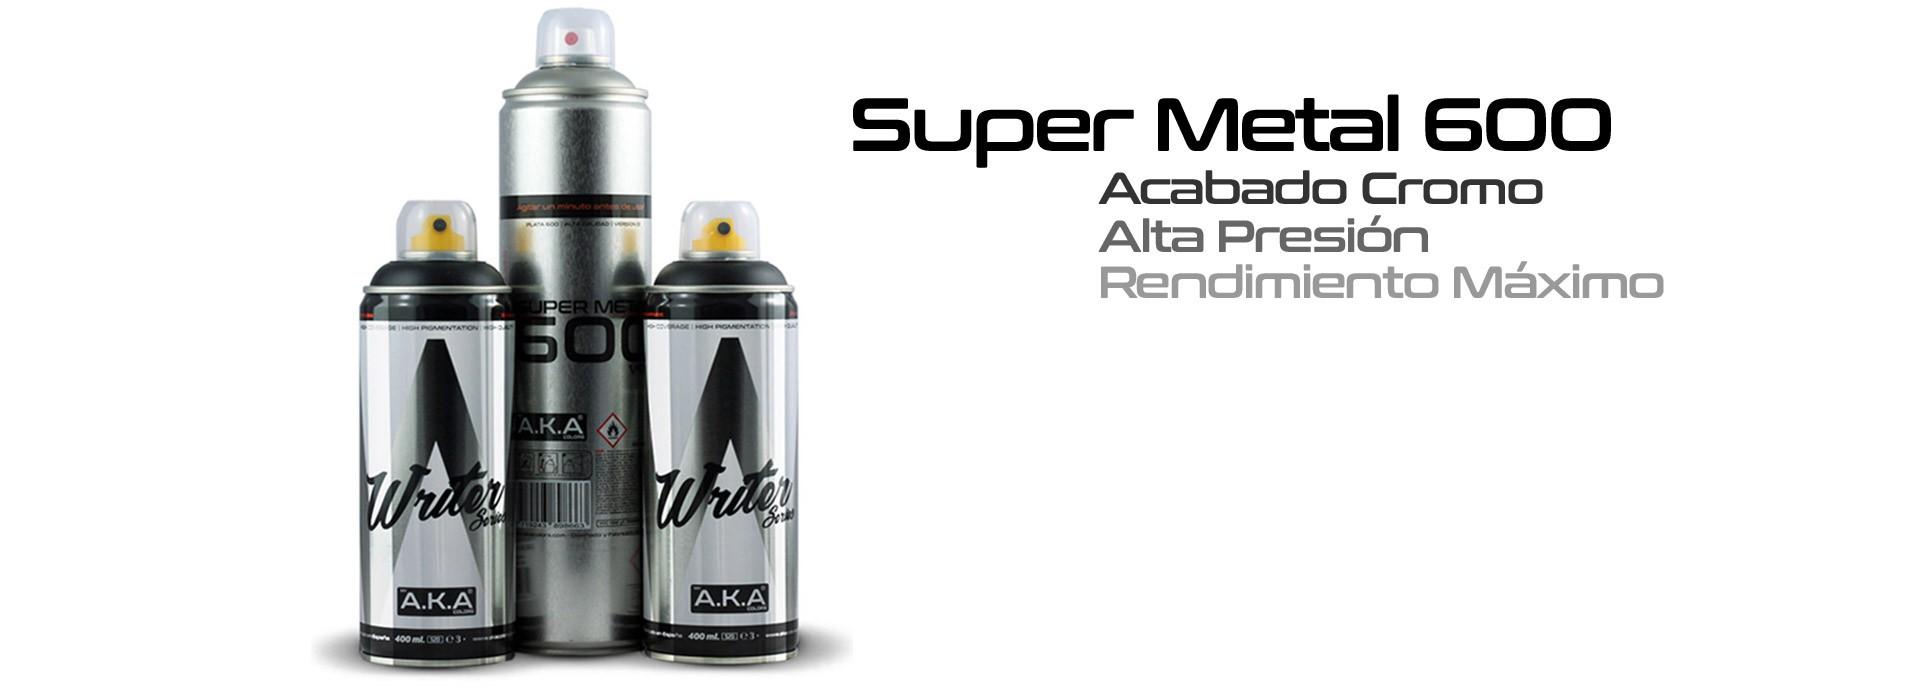 SUPER METAL 600